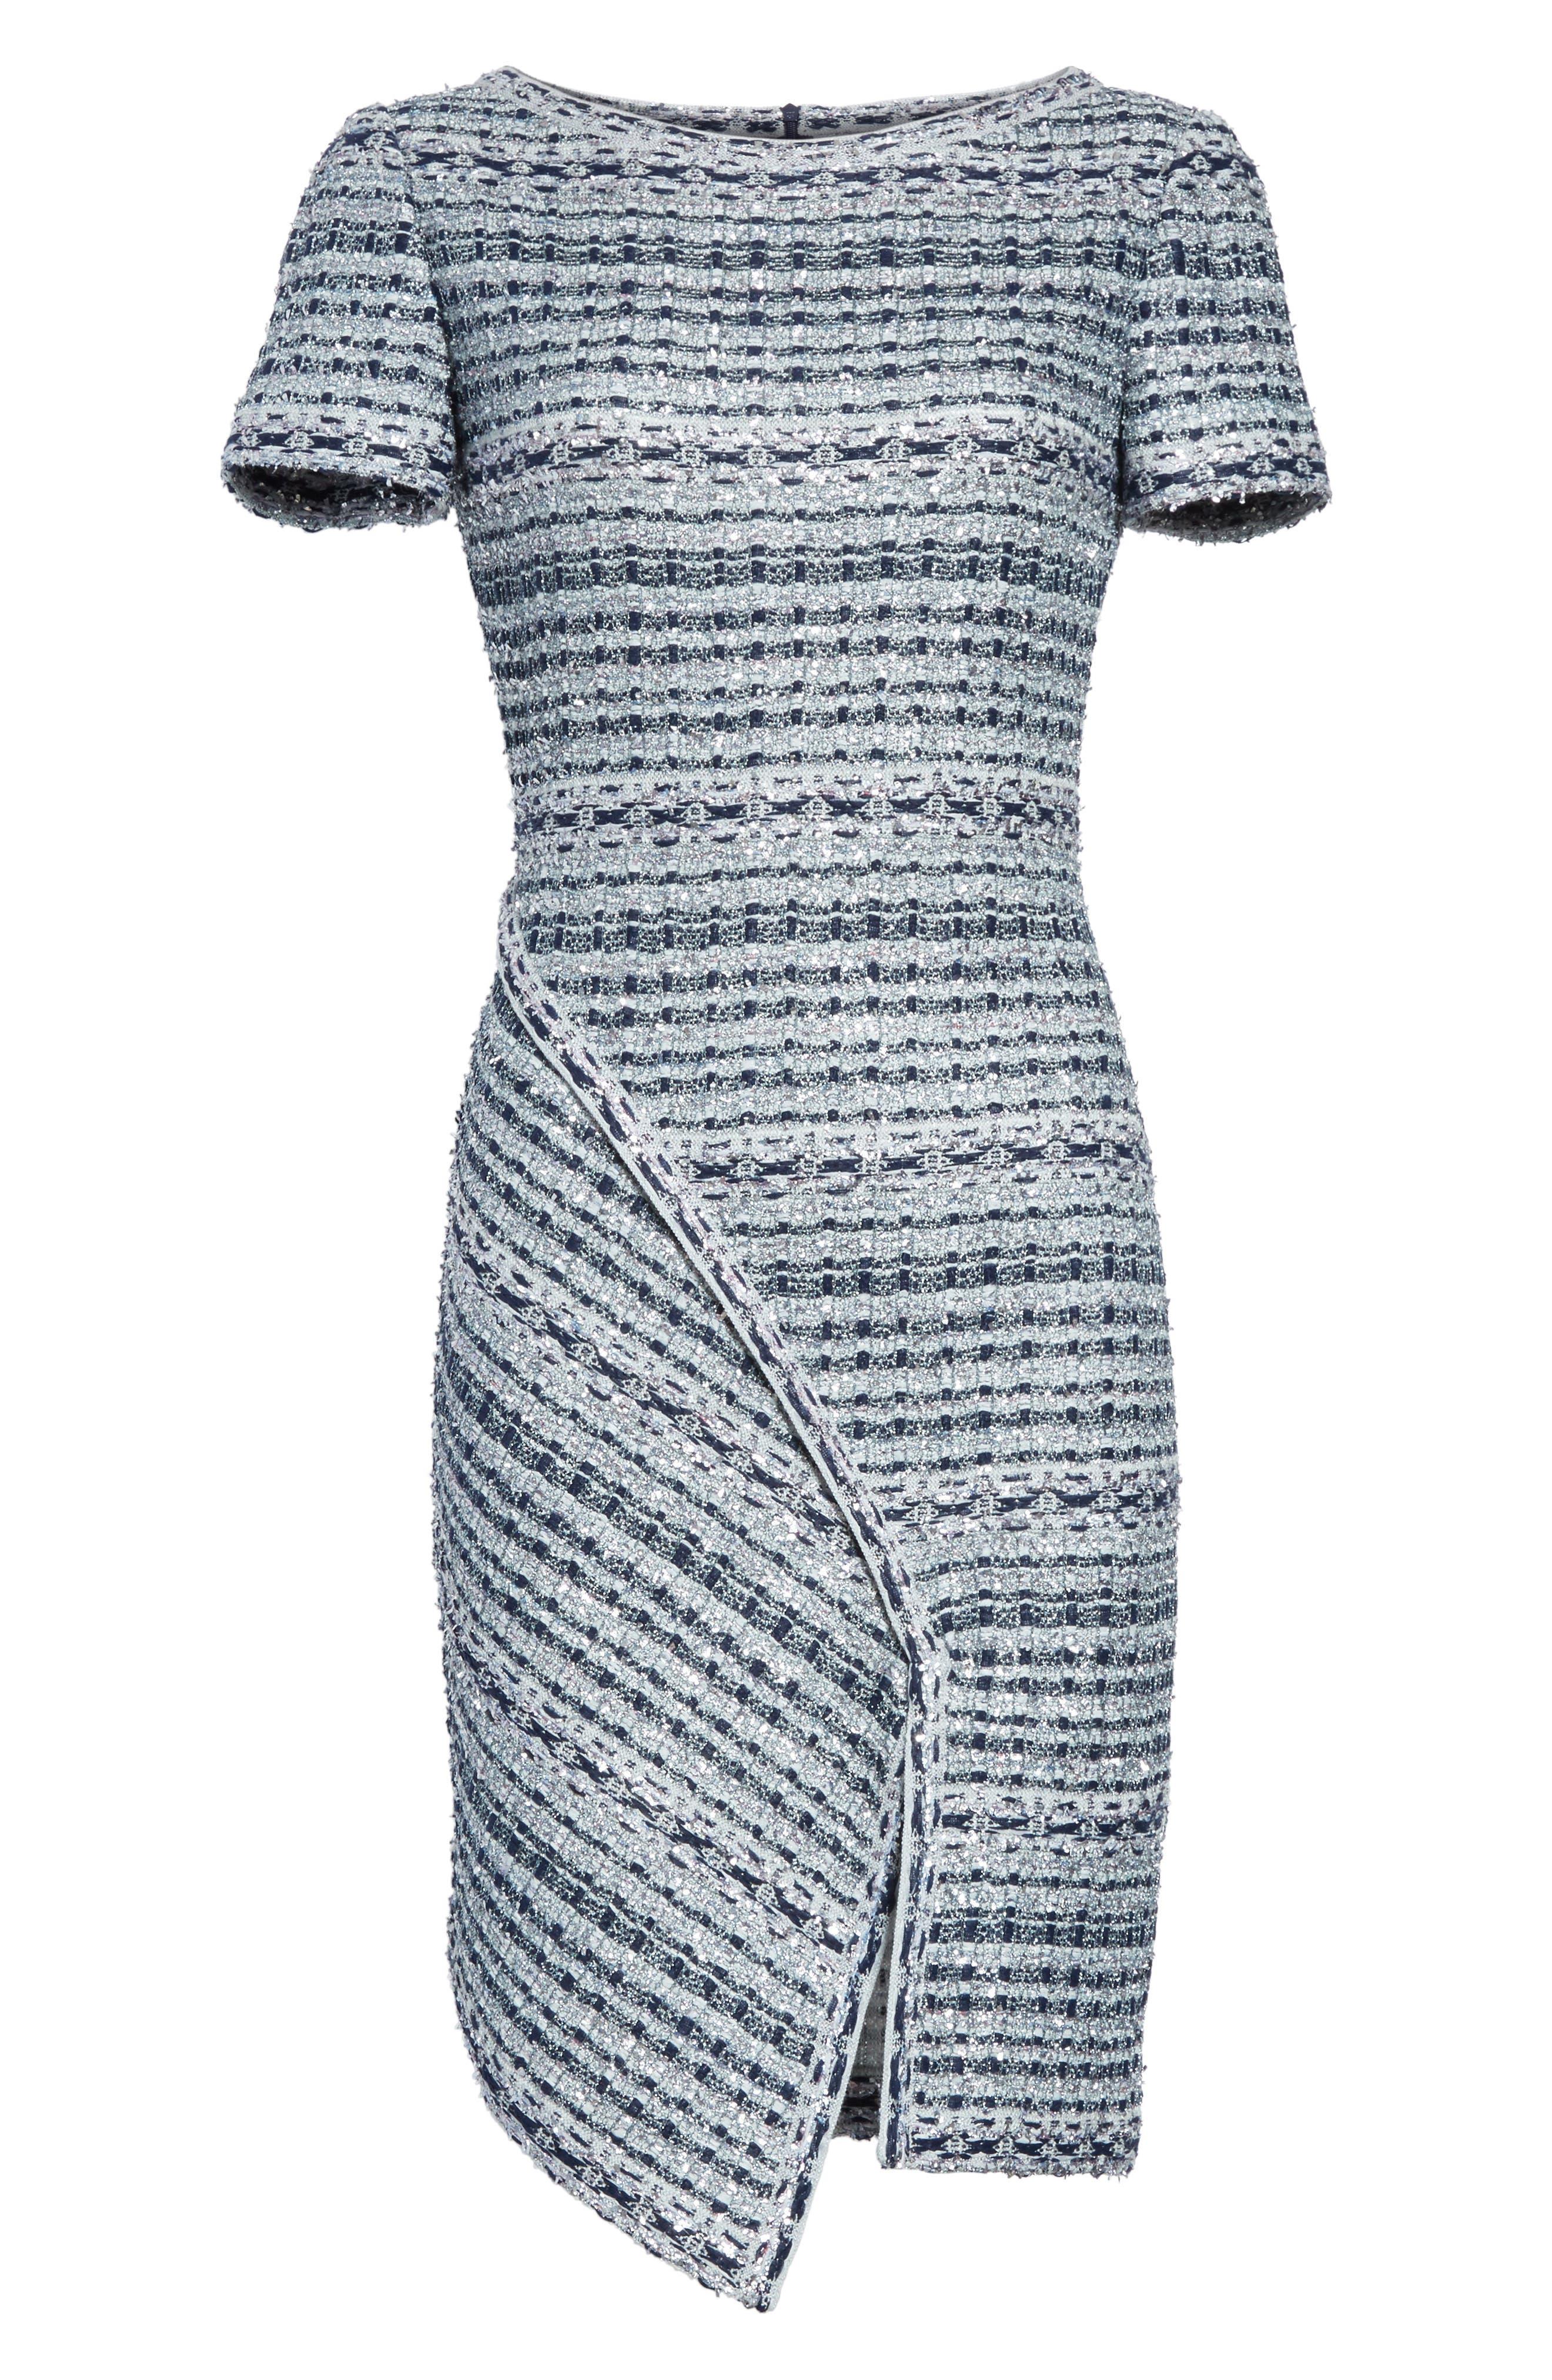 Metallic Jacquard Dress,                             Alternate thumbnail 8, color,                             Gunmetal Multi